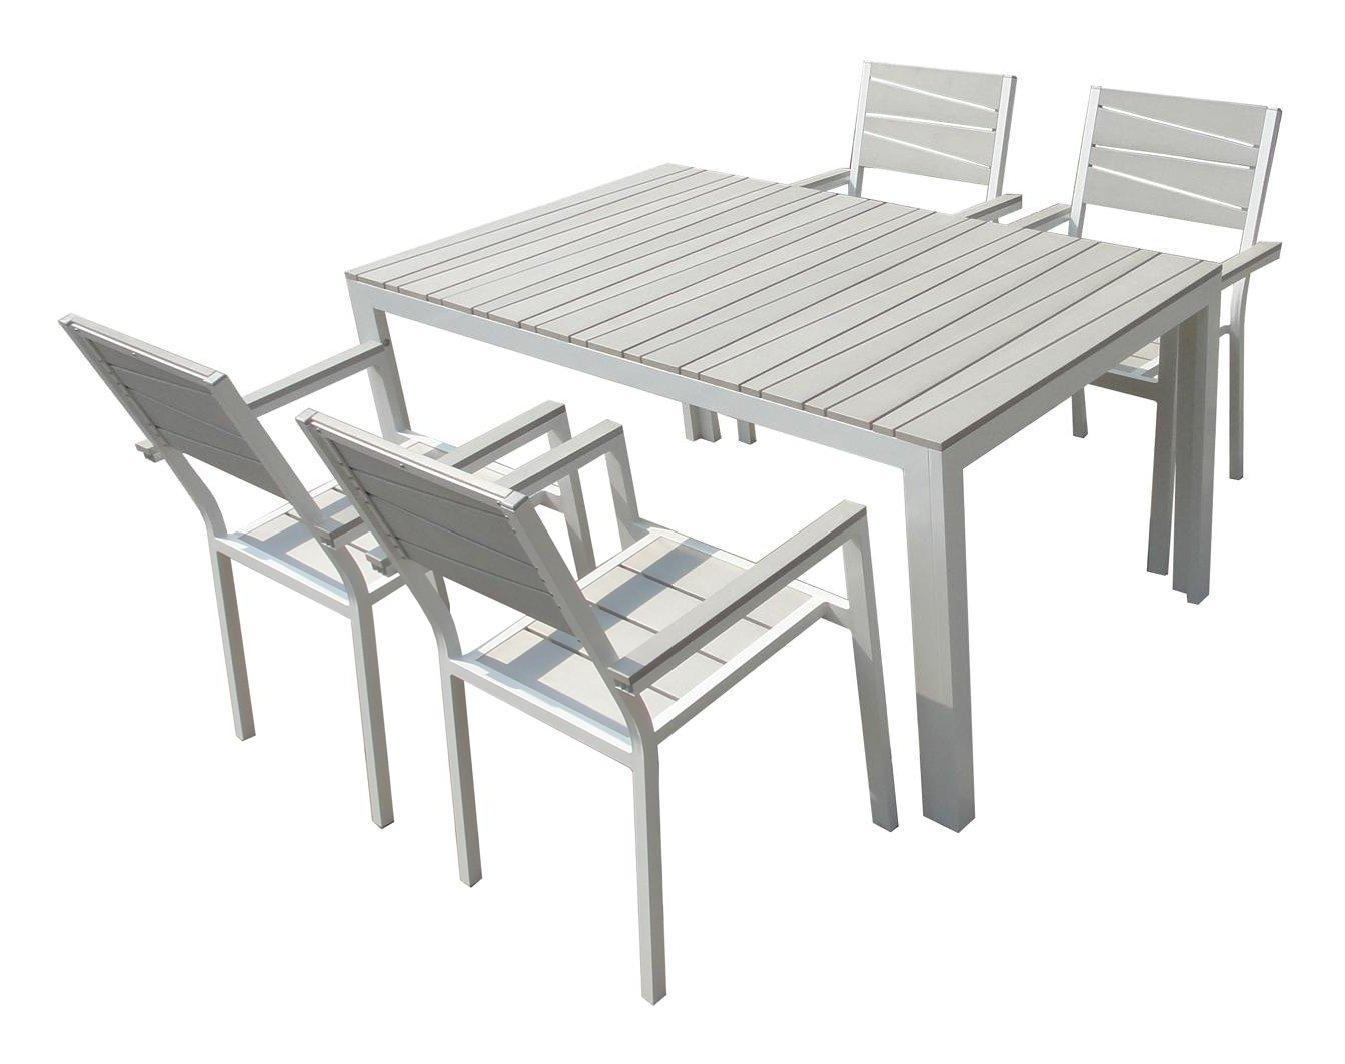 Tavolo Legno Bianco Esterno.Prodotto Modello Set Ibiza Descrizione Generale Tavolo Bianco